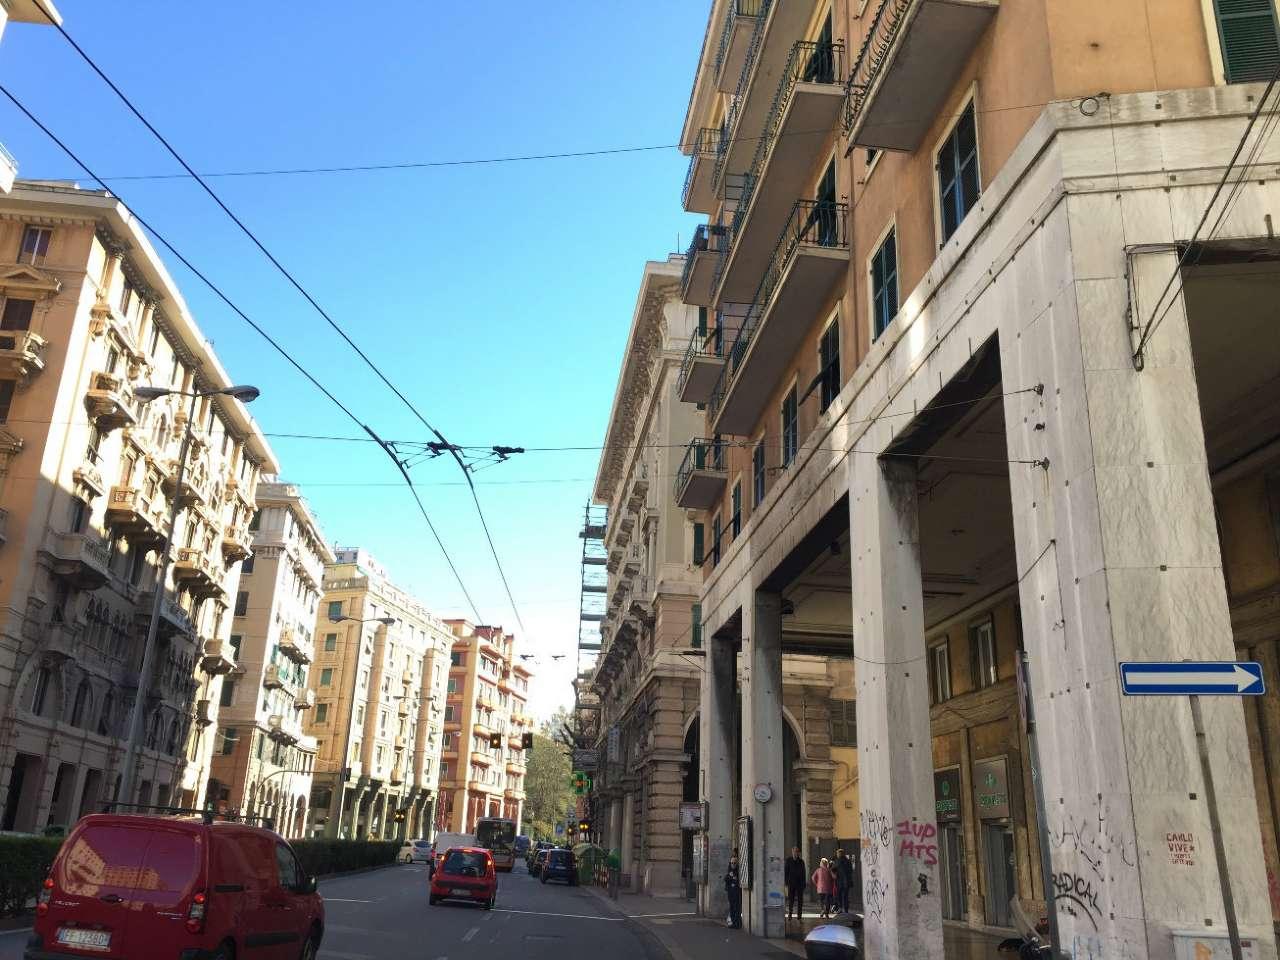 Ufficio / Studio in affitto a Genova, 1 locali, zona Zona: 8 . Sampierdarena, Certosa-Rivarolo, Centro Ovest, S.Teodoro, prezzo € 300 | Cambio Casa.it